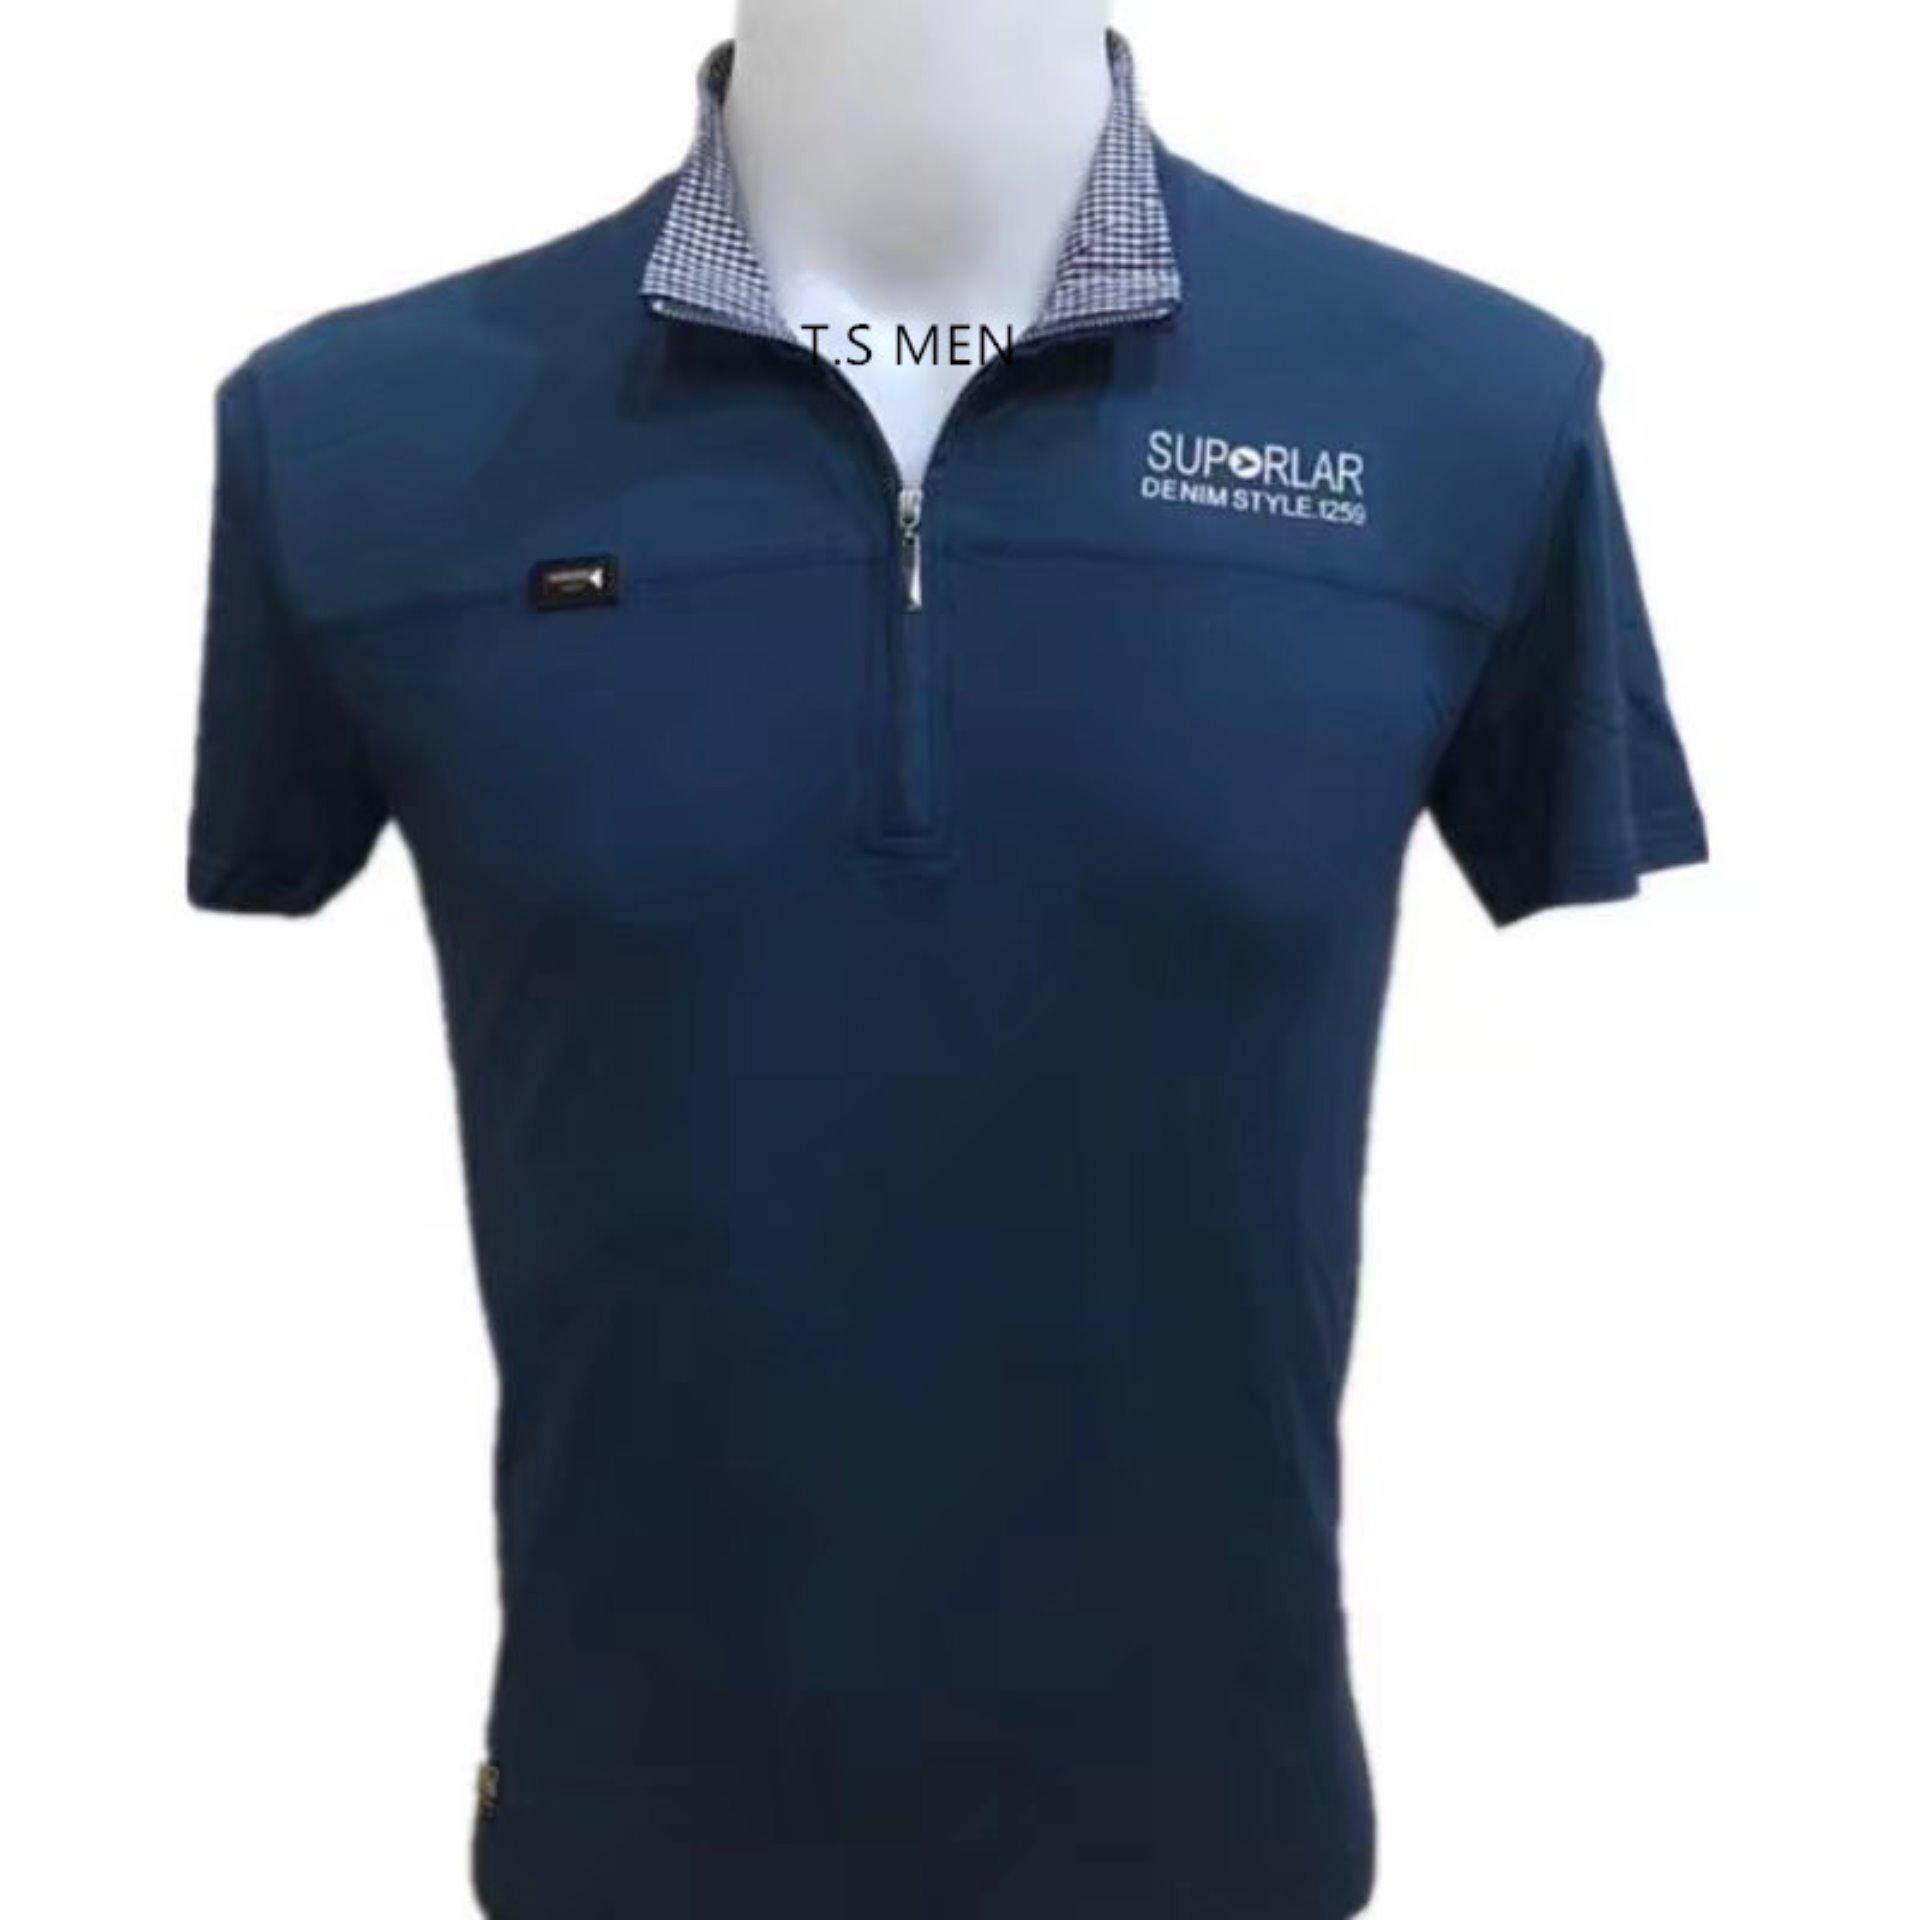 ขาย เสื้อยืดผู้ชายMen S T Shirtเสื้อยืดแฟชั่นผู้ชาย Polo Shirtเสื้อโปโล Oemgenuine ถูก